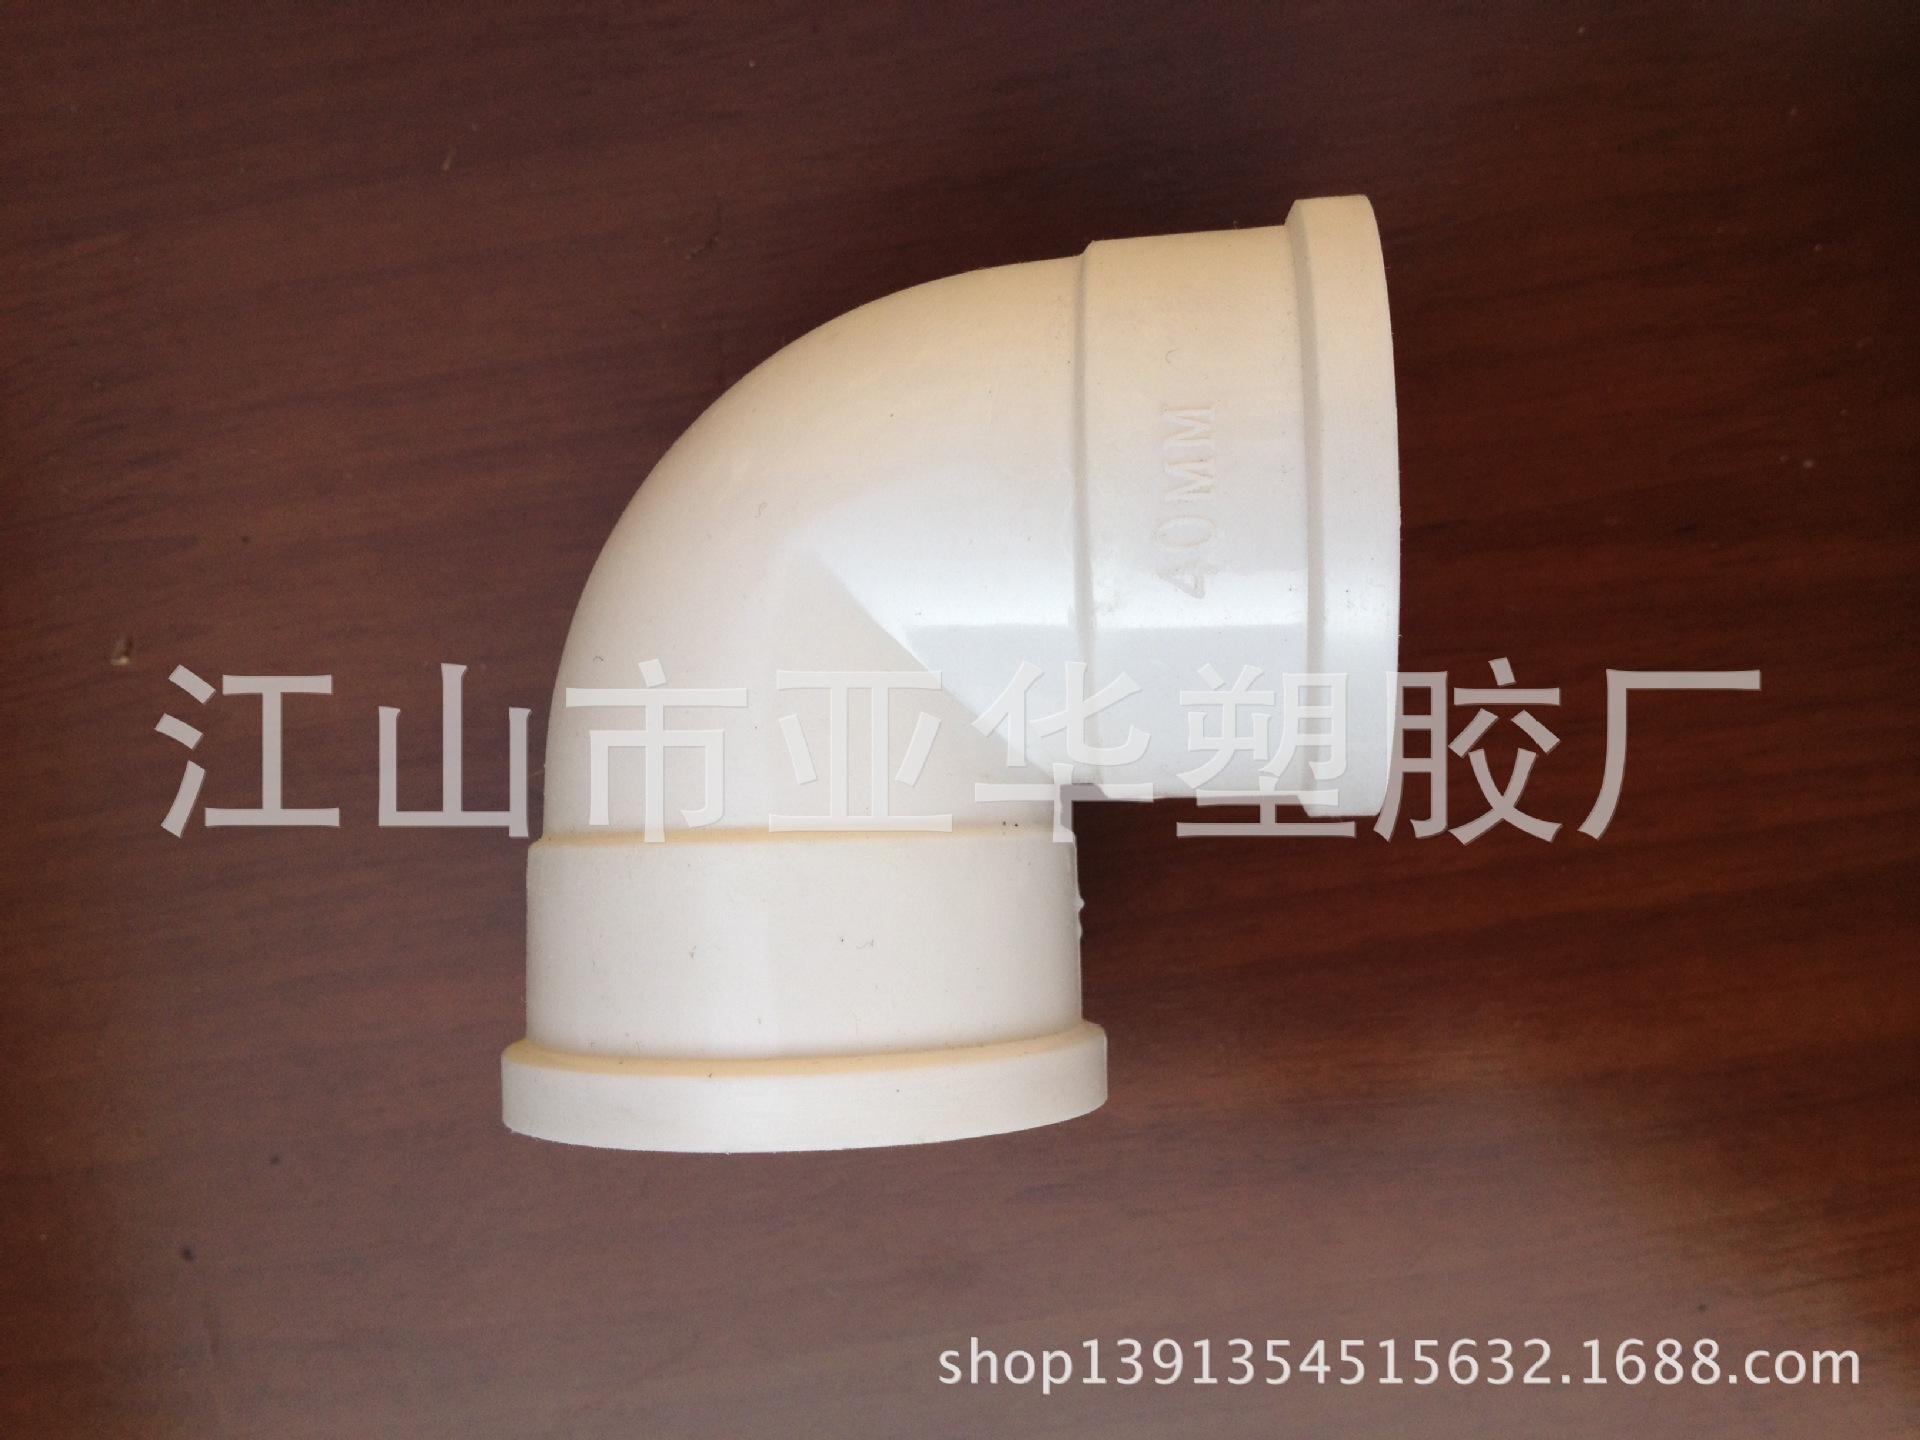 廠家***VC線管配件 32mm電工套管標準彎頭 直角彎頭